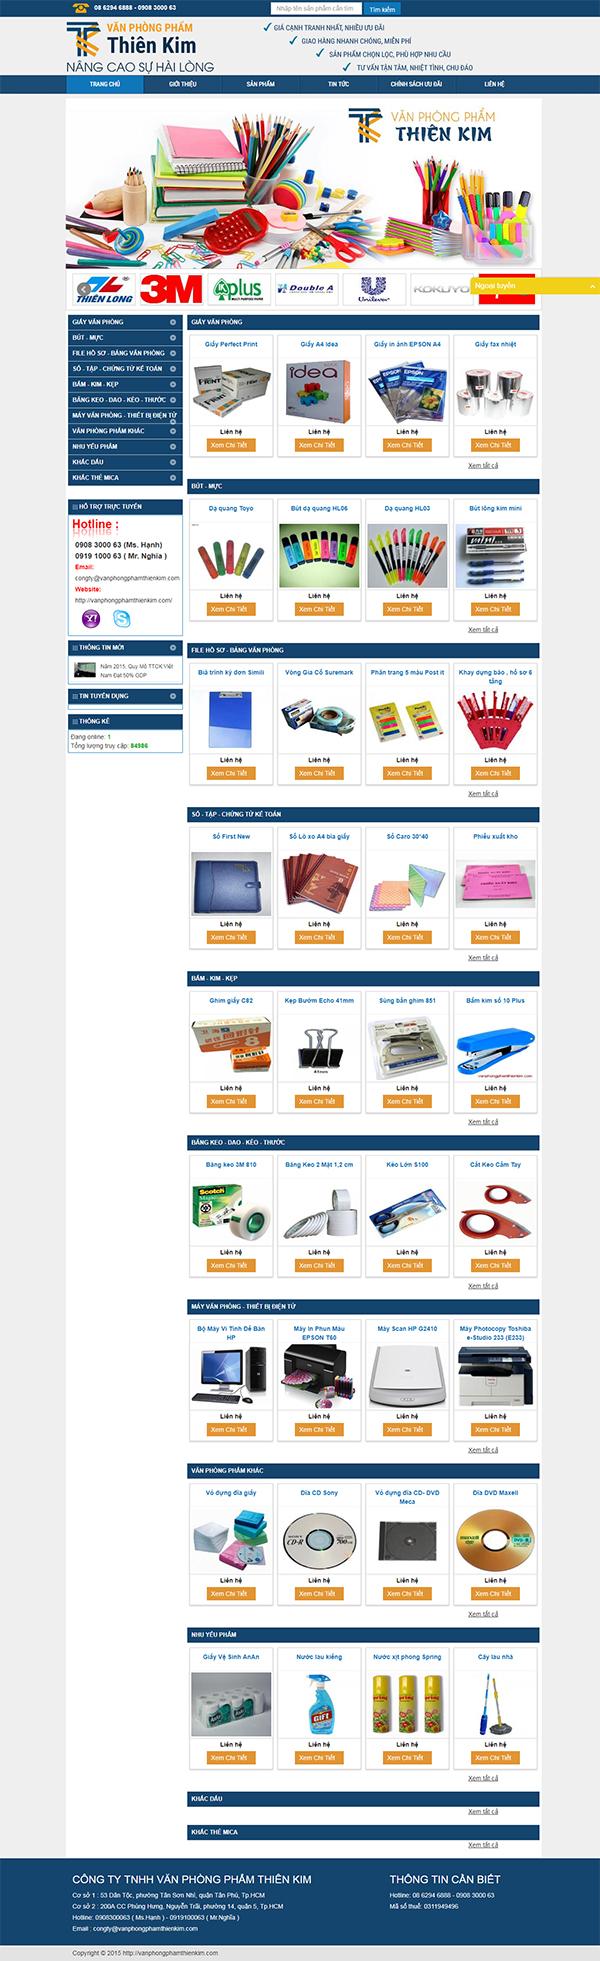 Thiết kế Mẫu Website Văn Phòng Phẩm VPP03